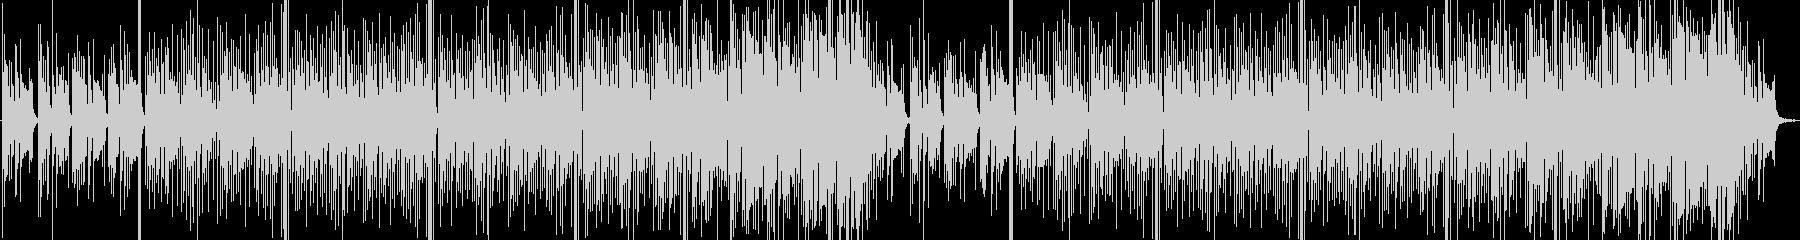 素朴でほのぼの系な配信BGM向けポップスの未再生の波形